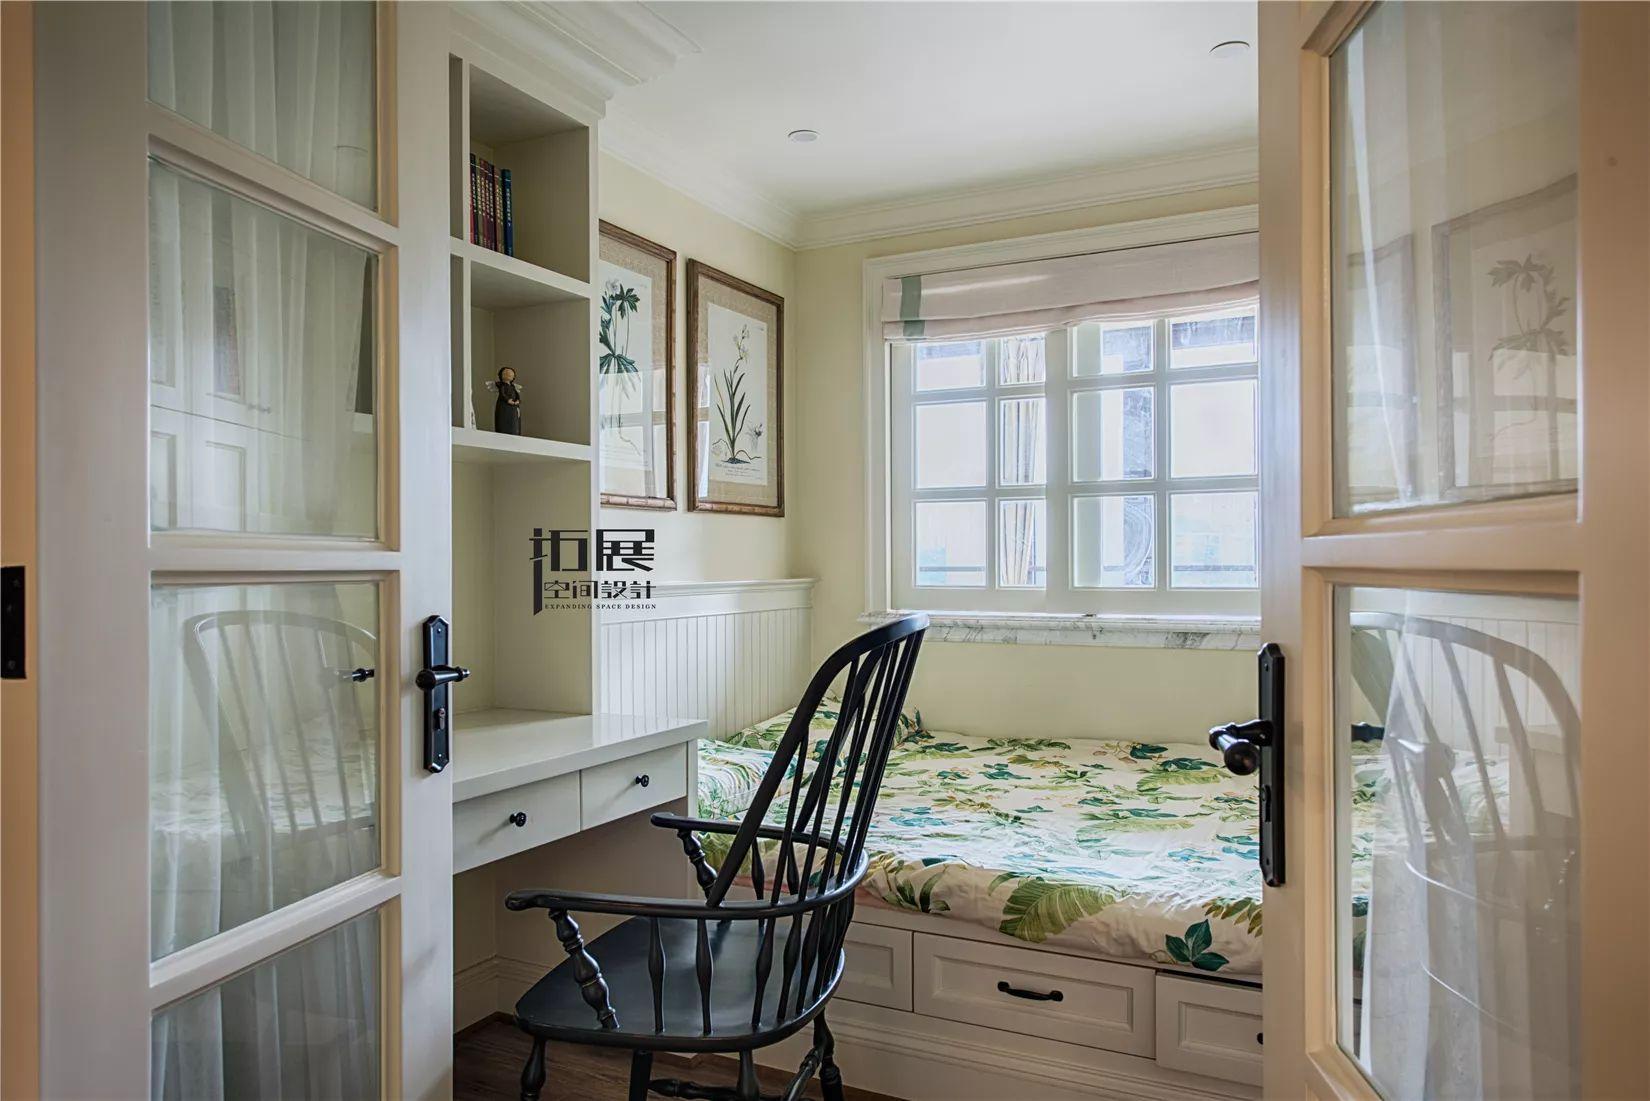 四居室美式风格榻榻米卧室装修效果图